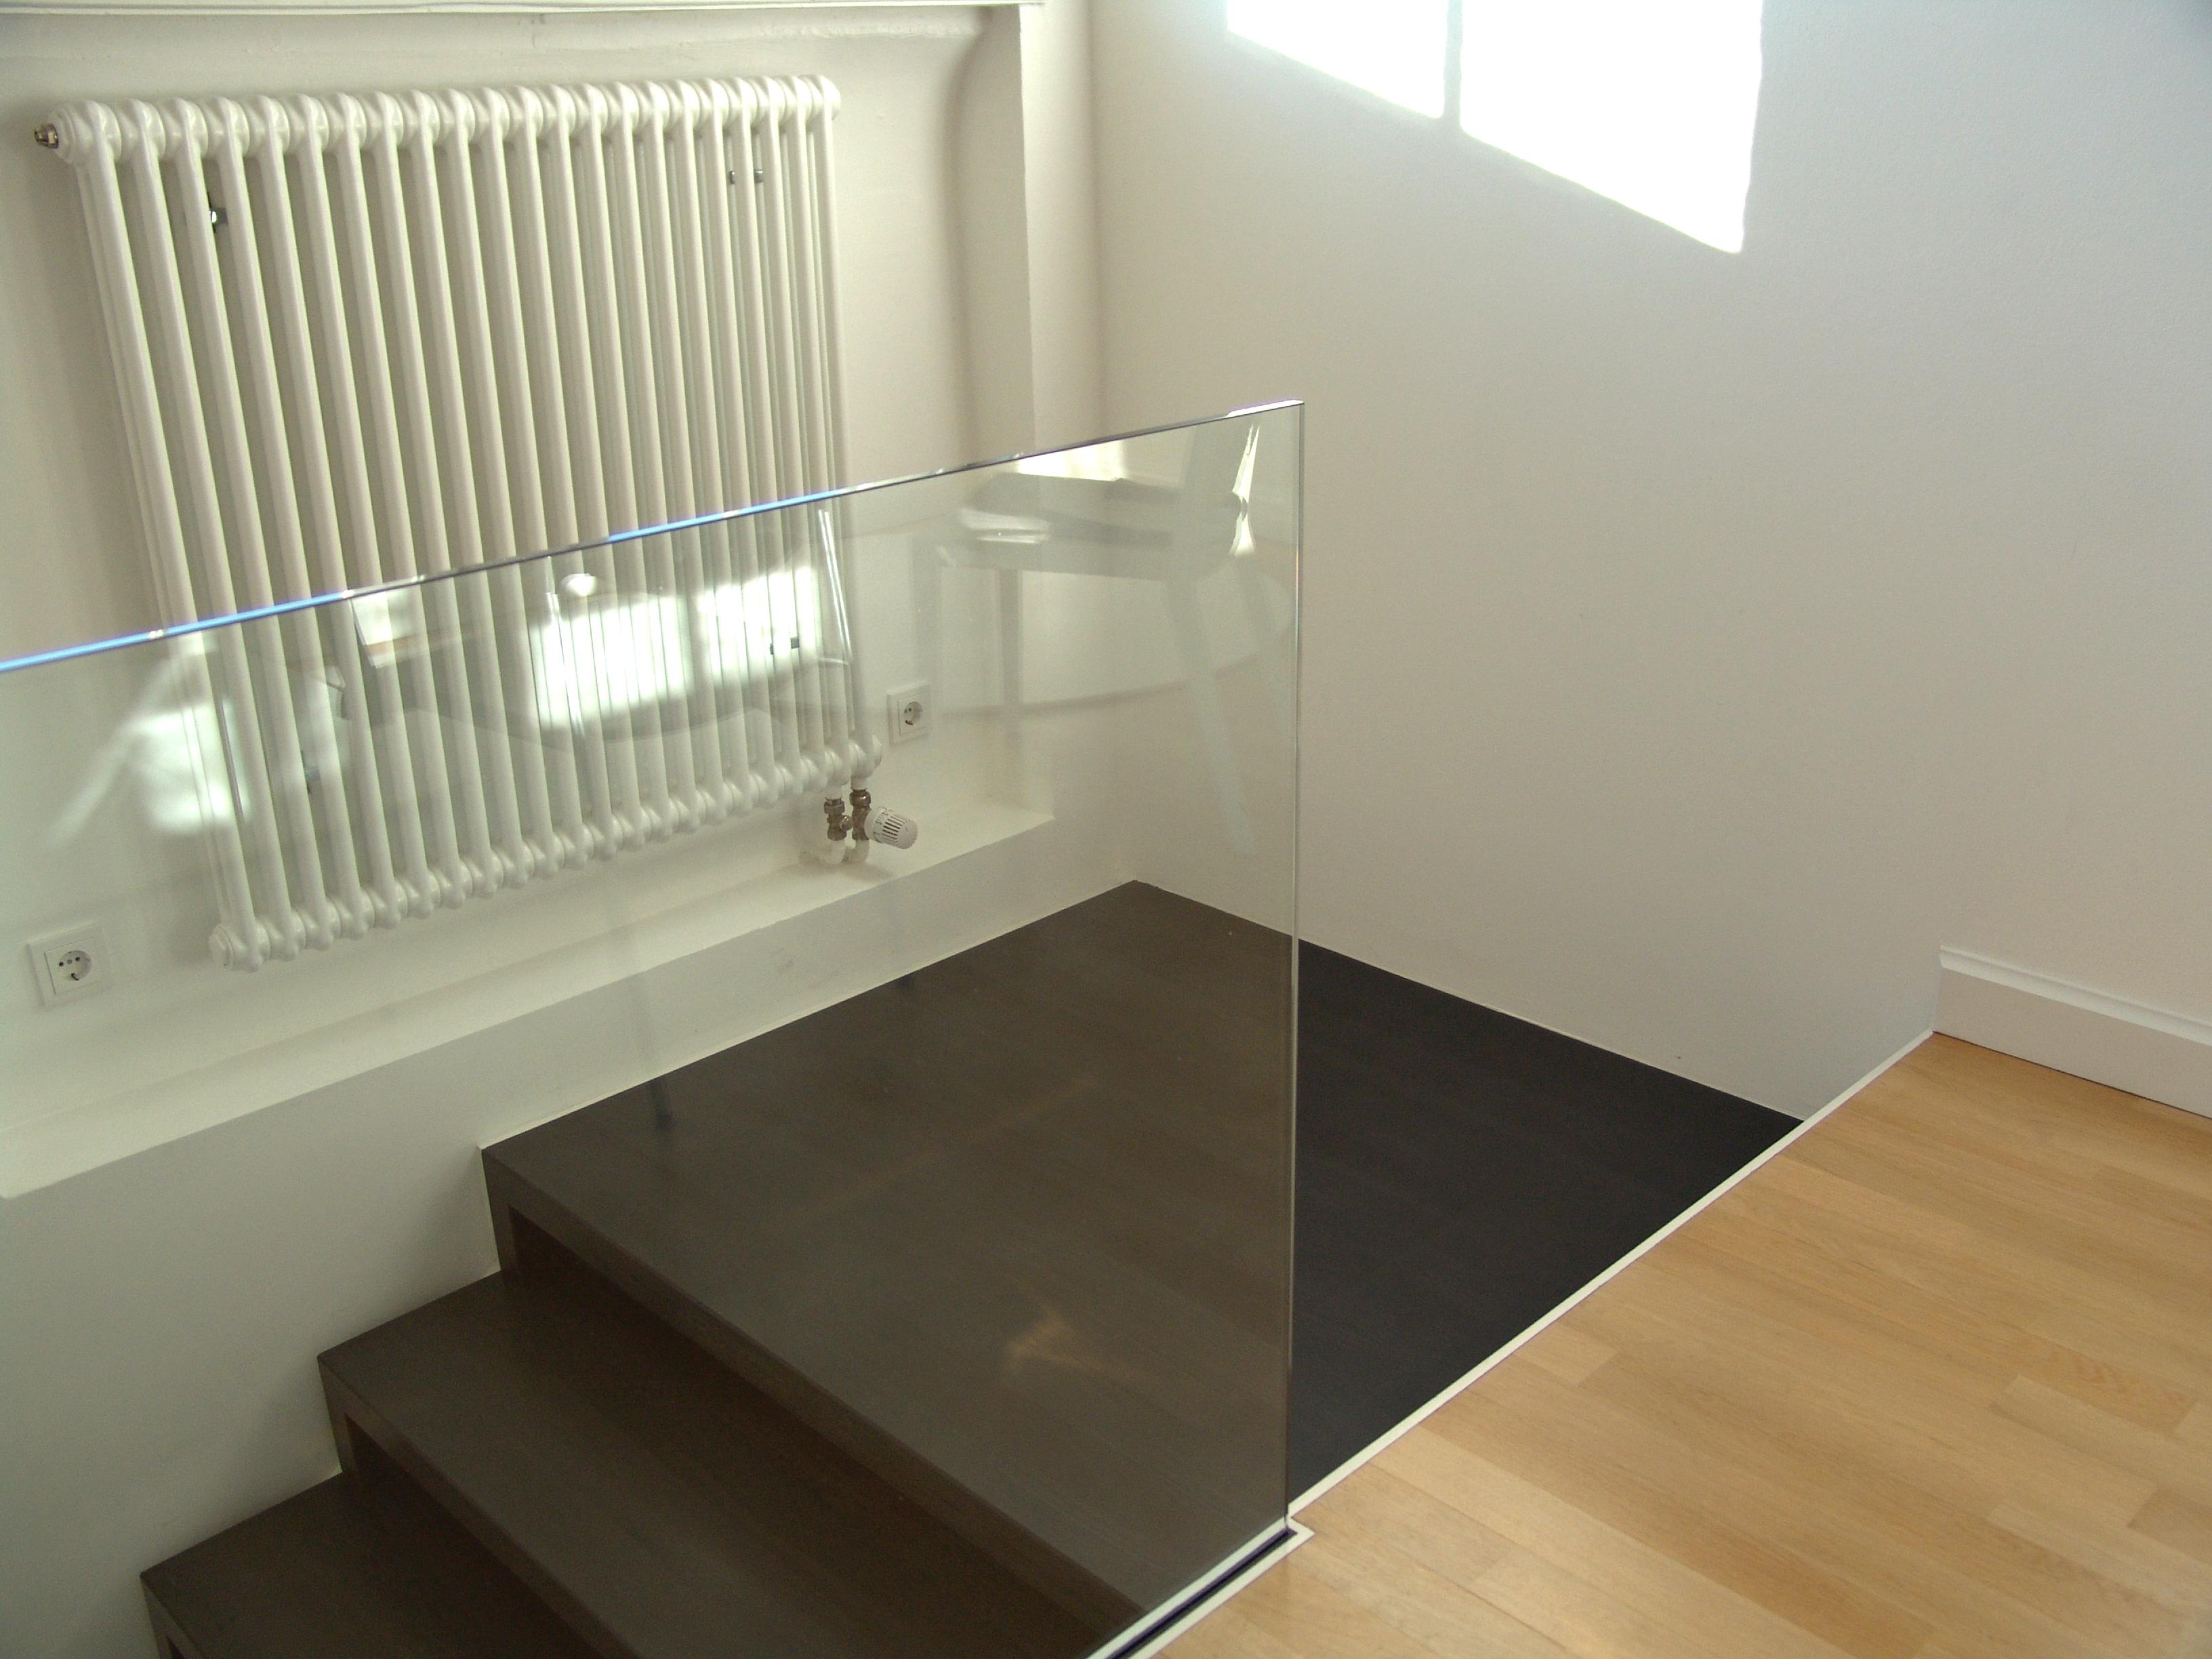 treppe in atelier eines designers waschtische aus beton. Black Bedroom Furniture Sets. Home Design Ideas